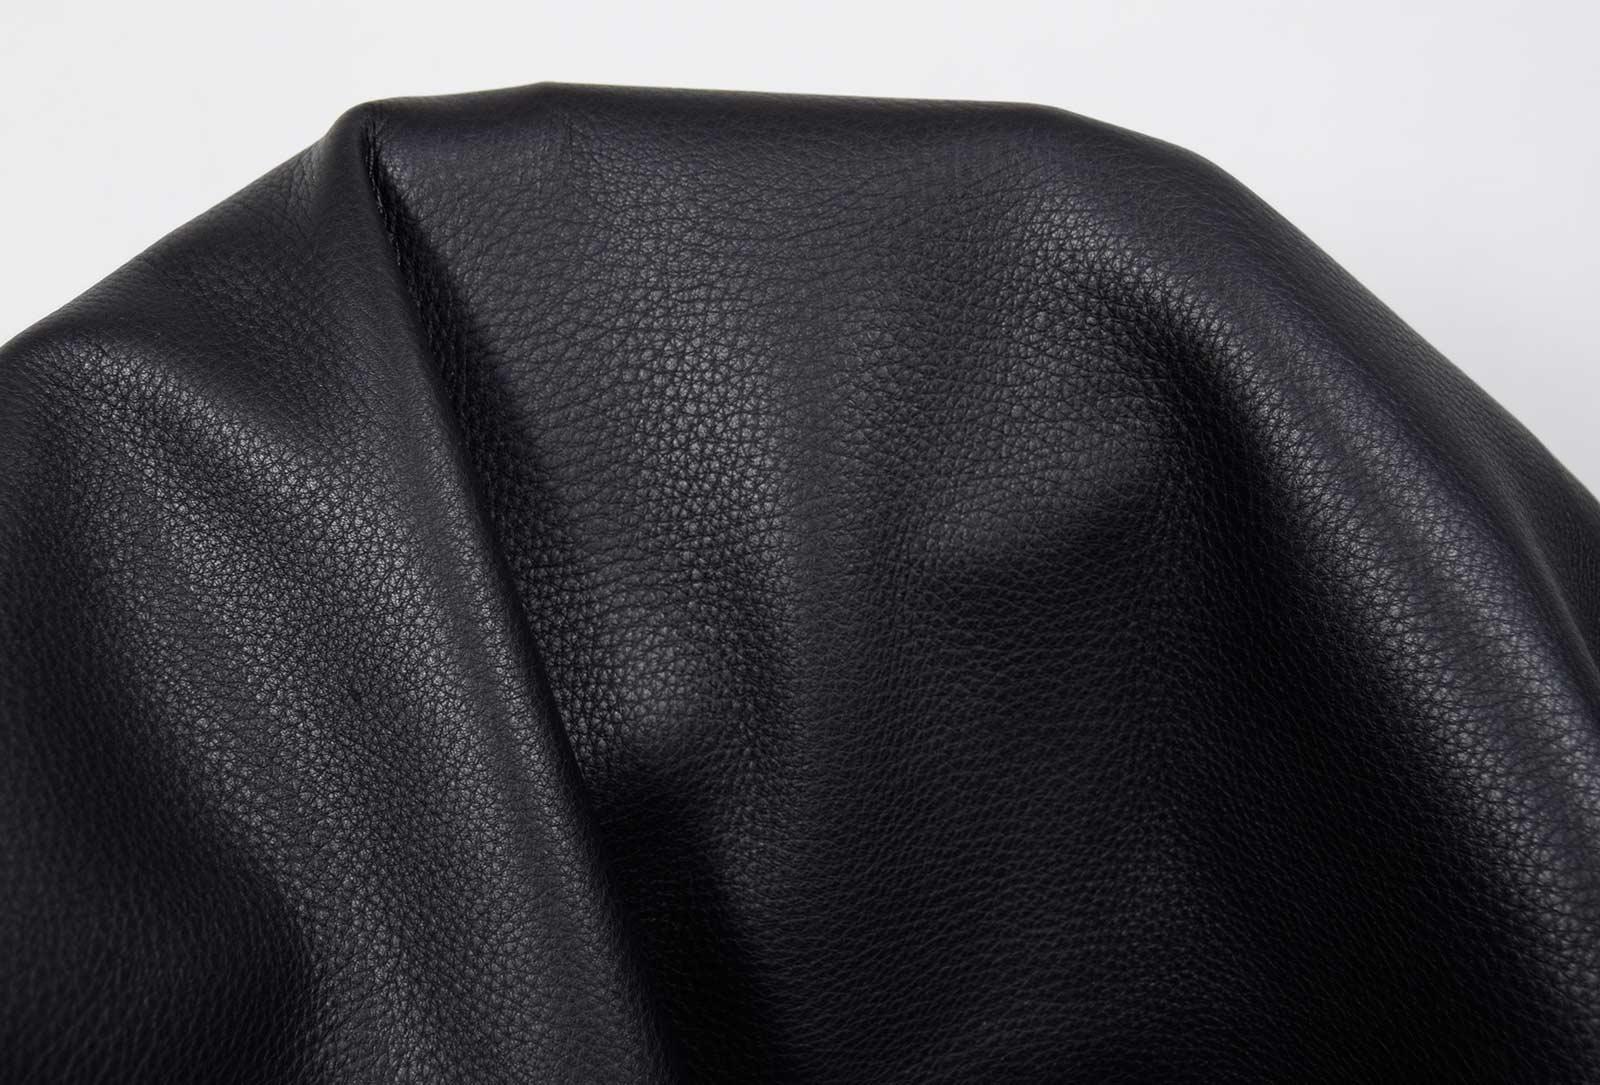 Hirschleder schwarz Nappa Sonderposten 1,0-1,2 mm #hsx